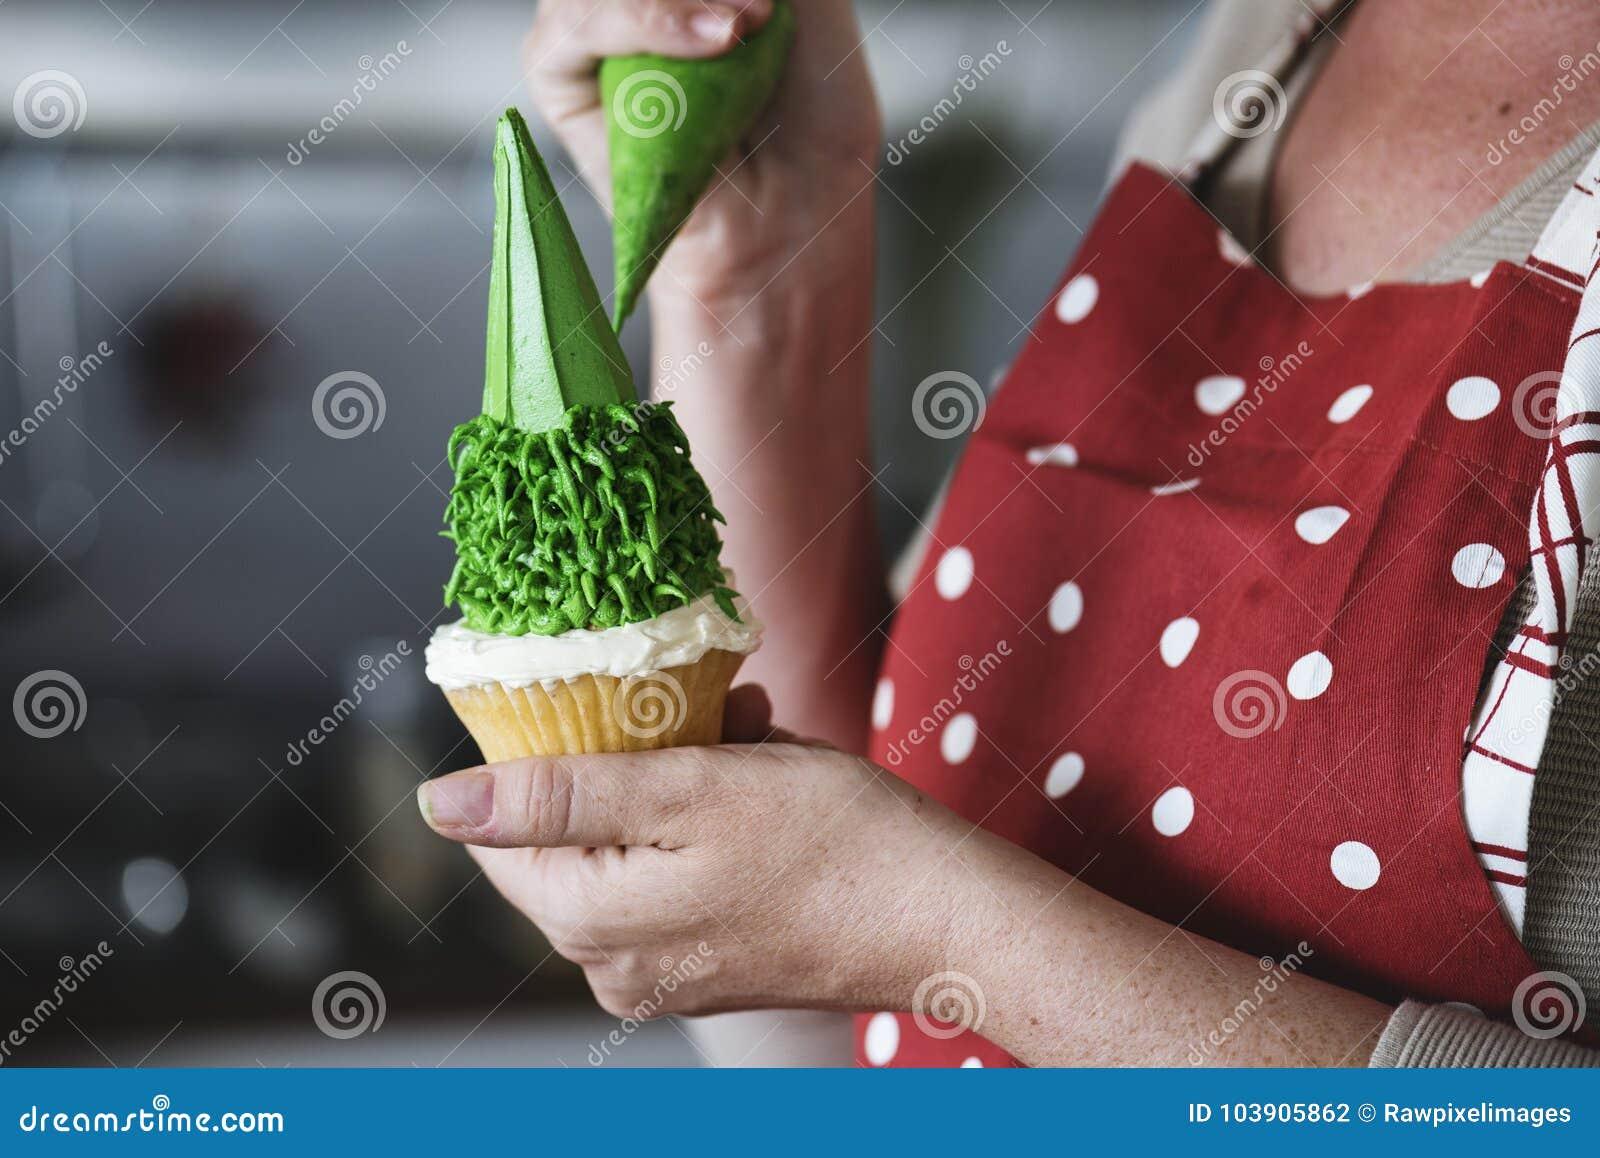 Friedliche Zuckerglasur des Bäckers auf einen kleinen Kuchen